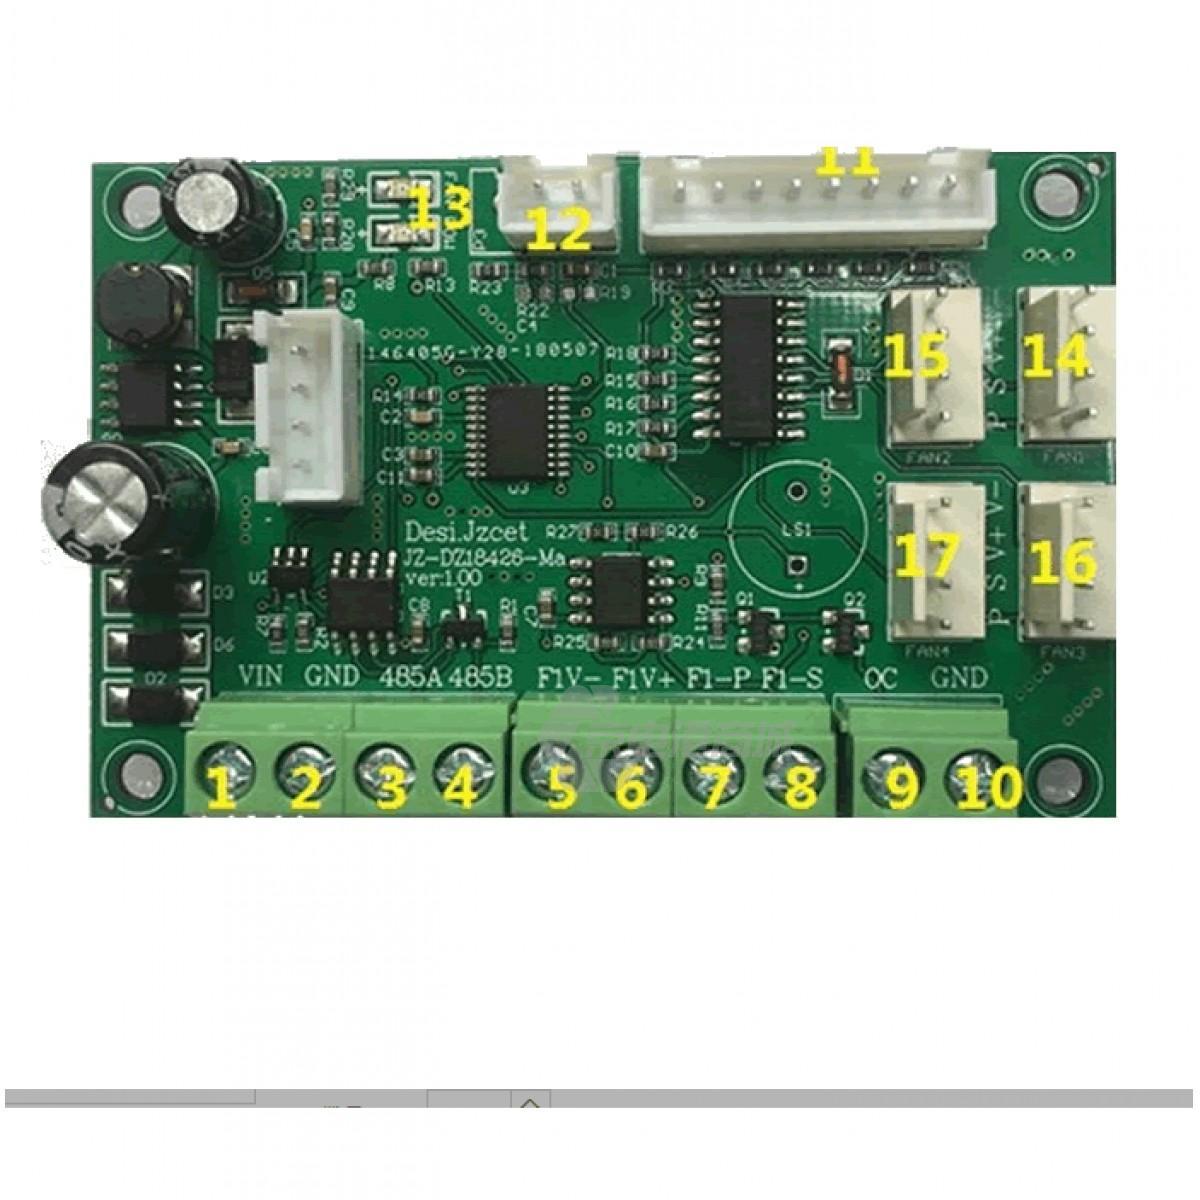 JPF-4816型 4线直流RS485直流风扇运行调速器 支持RS485串口通信,串口指令遵循modbus-rtu协议,风机转速0-100%可调